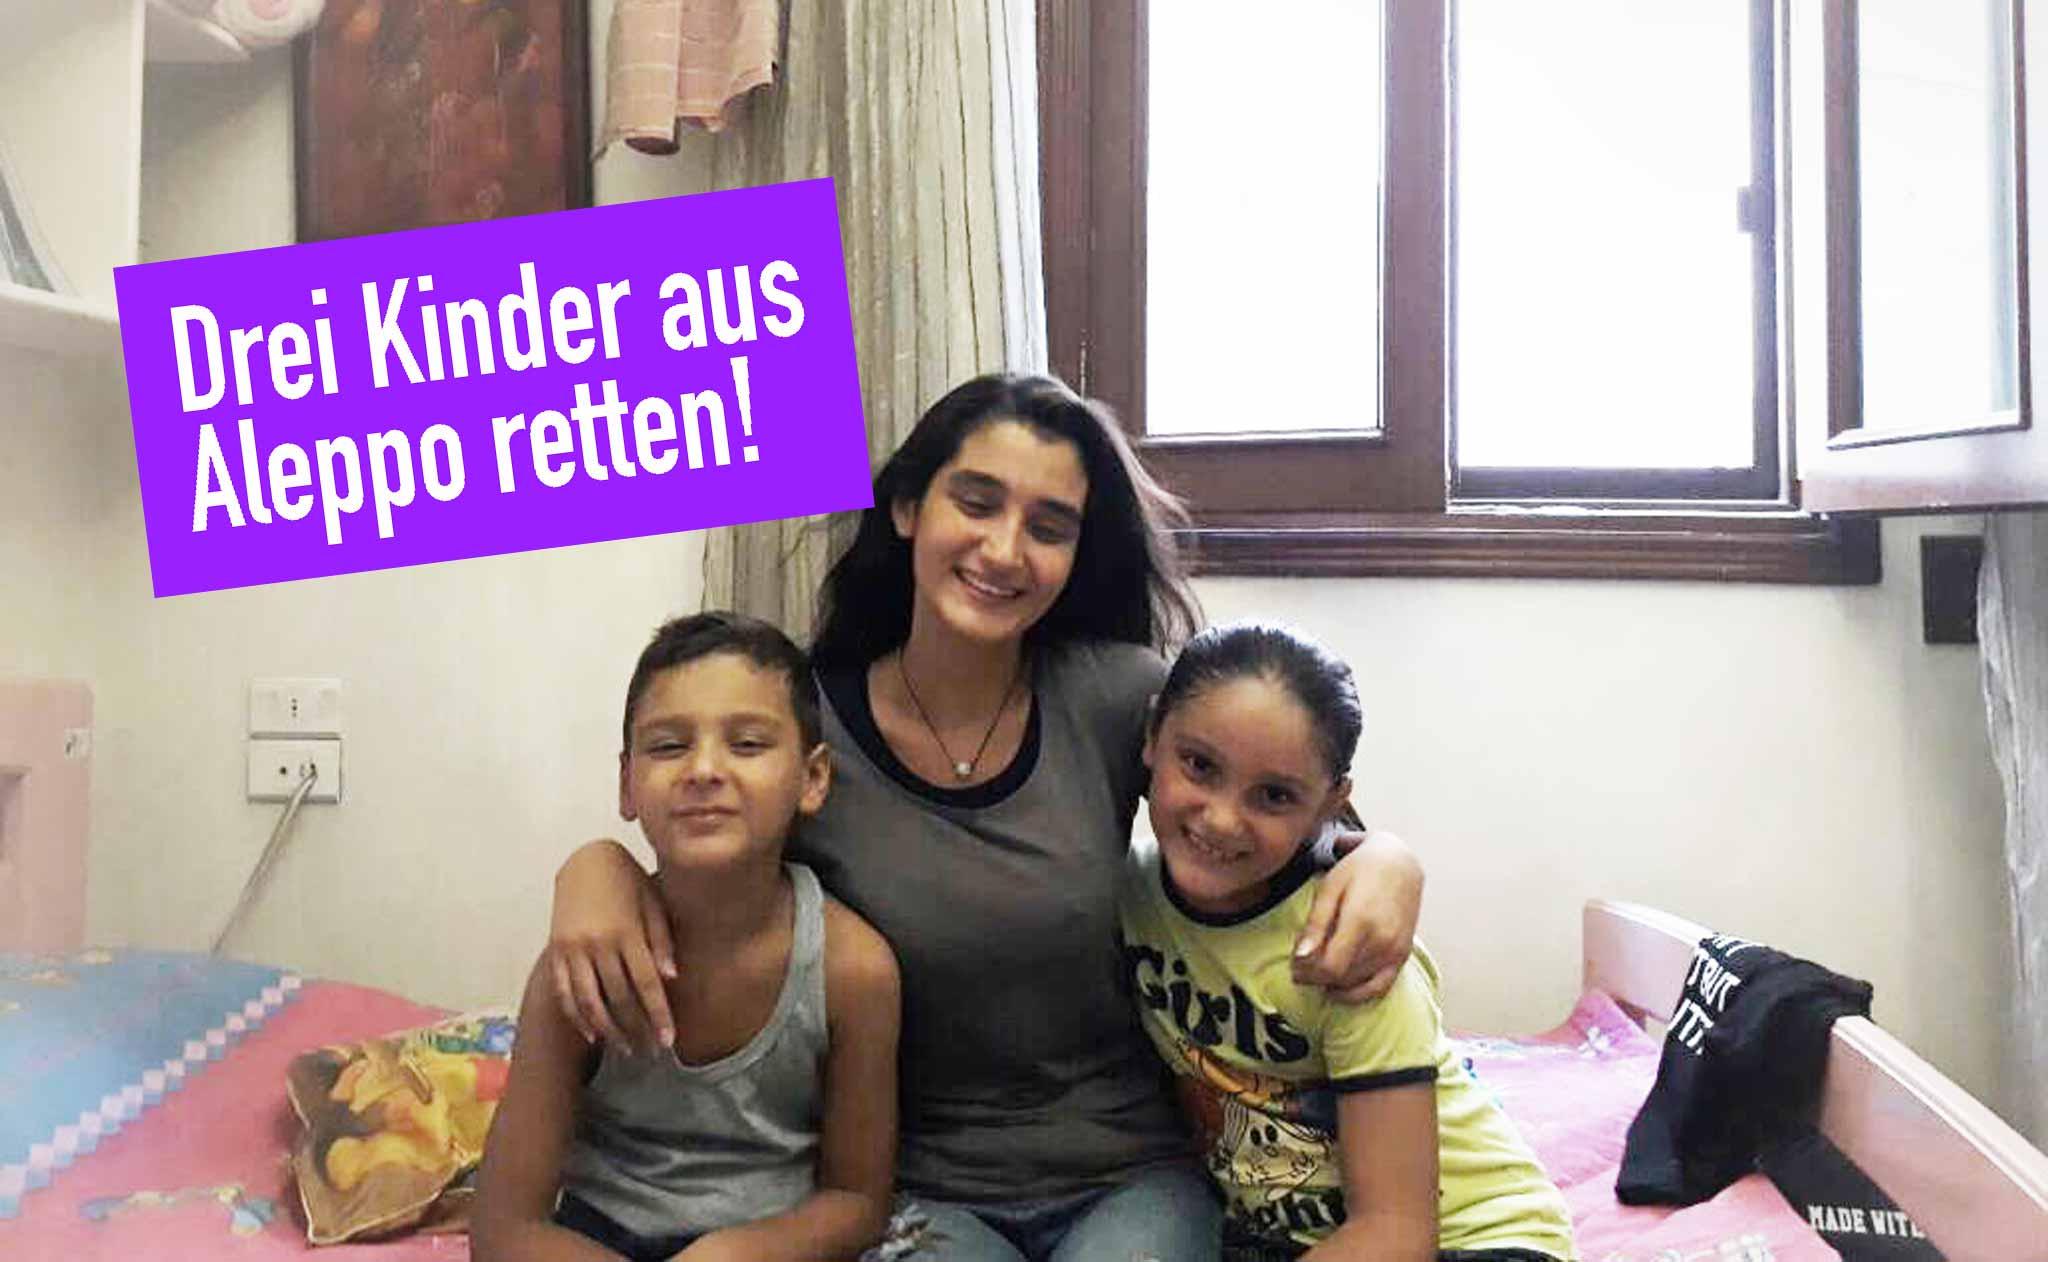 Drei Kinder aus Aleppo retten!